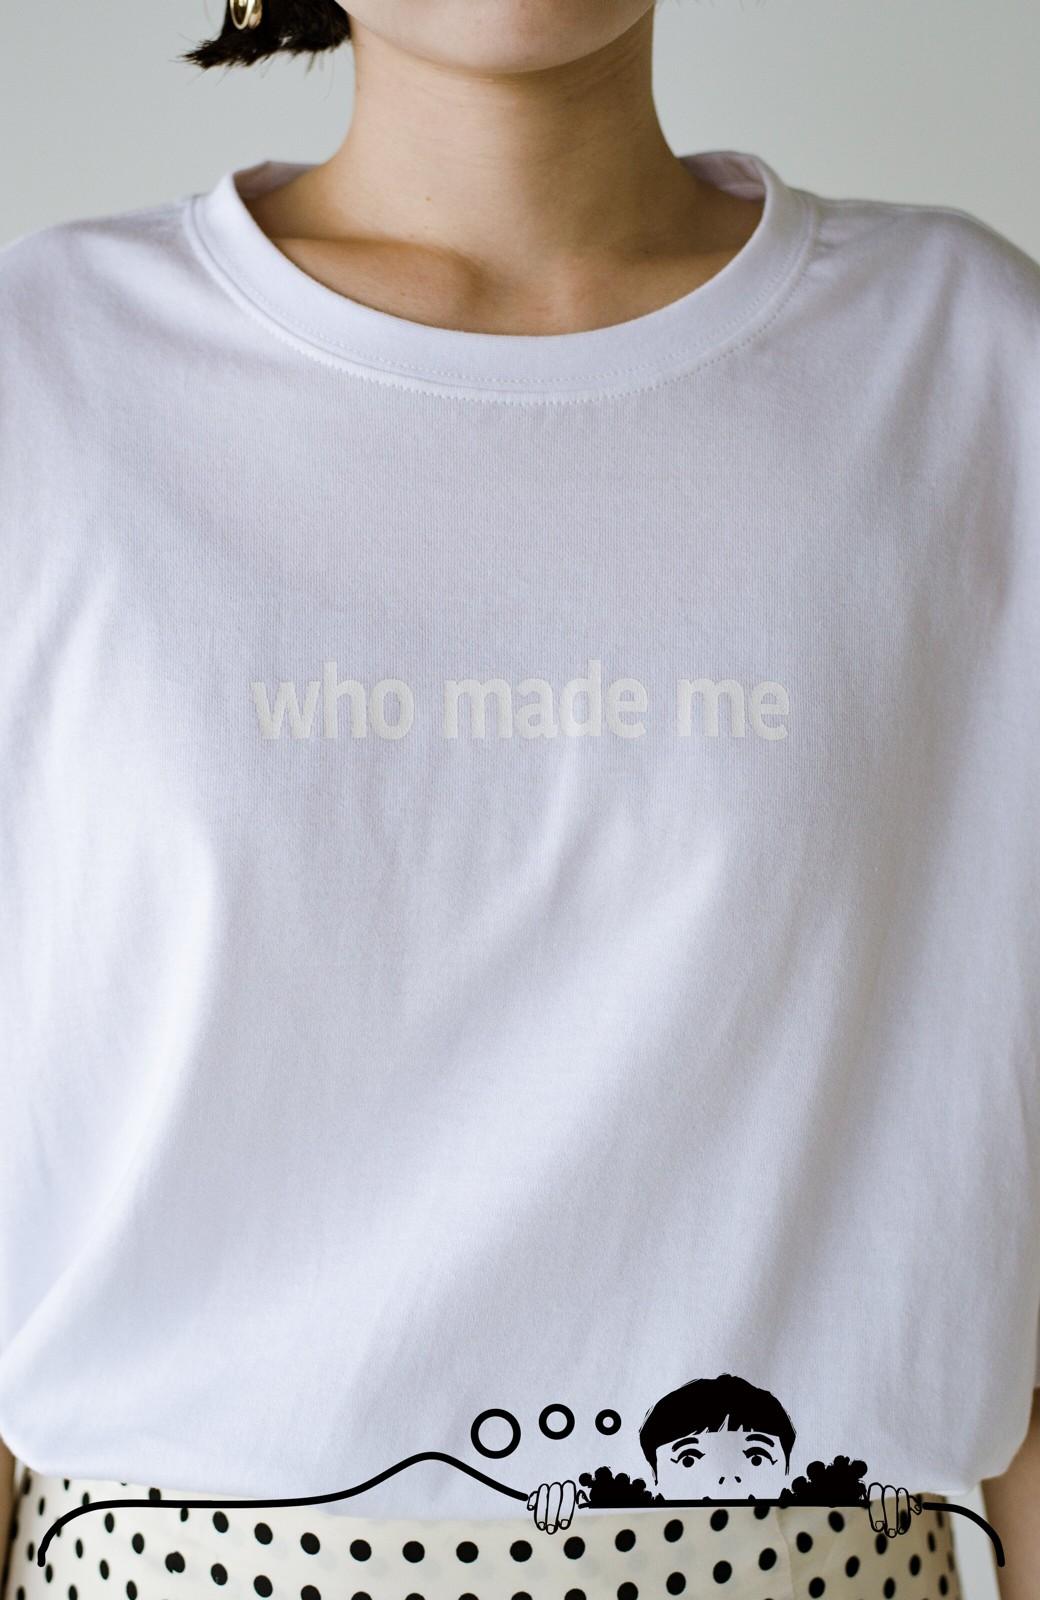 haco! あるかないかで大違い!大人の抜け感を醸し出すさりげなロゴTシャツ by who made me + PBP <ホワイト>の商品写真4